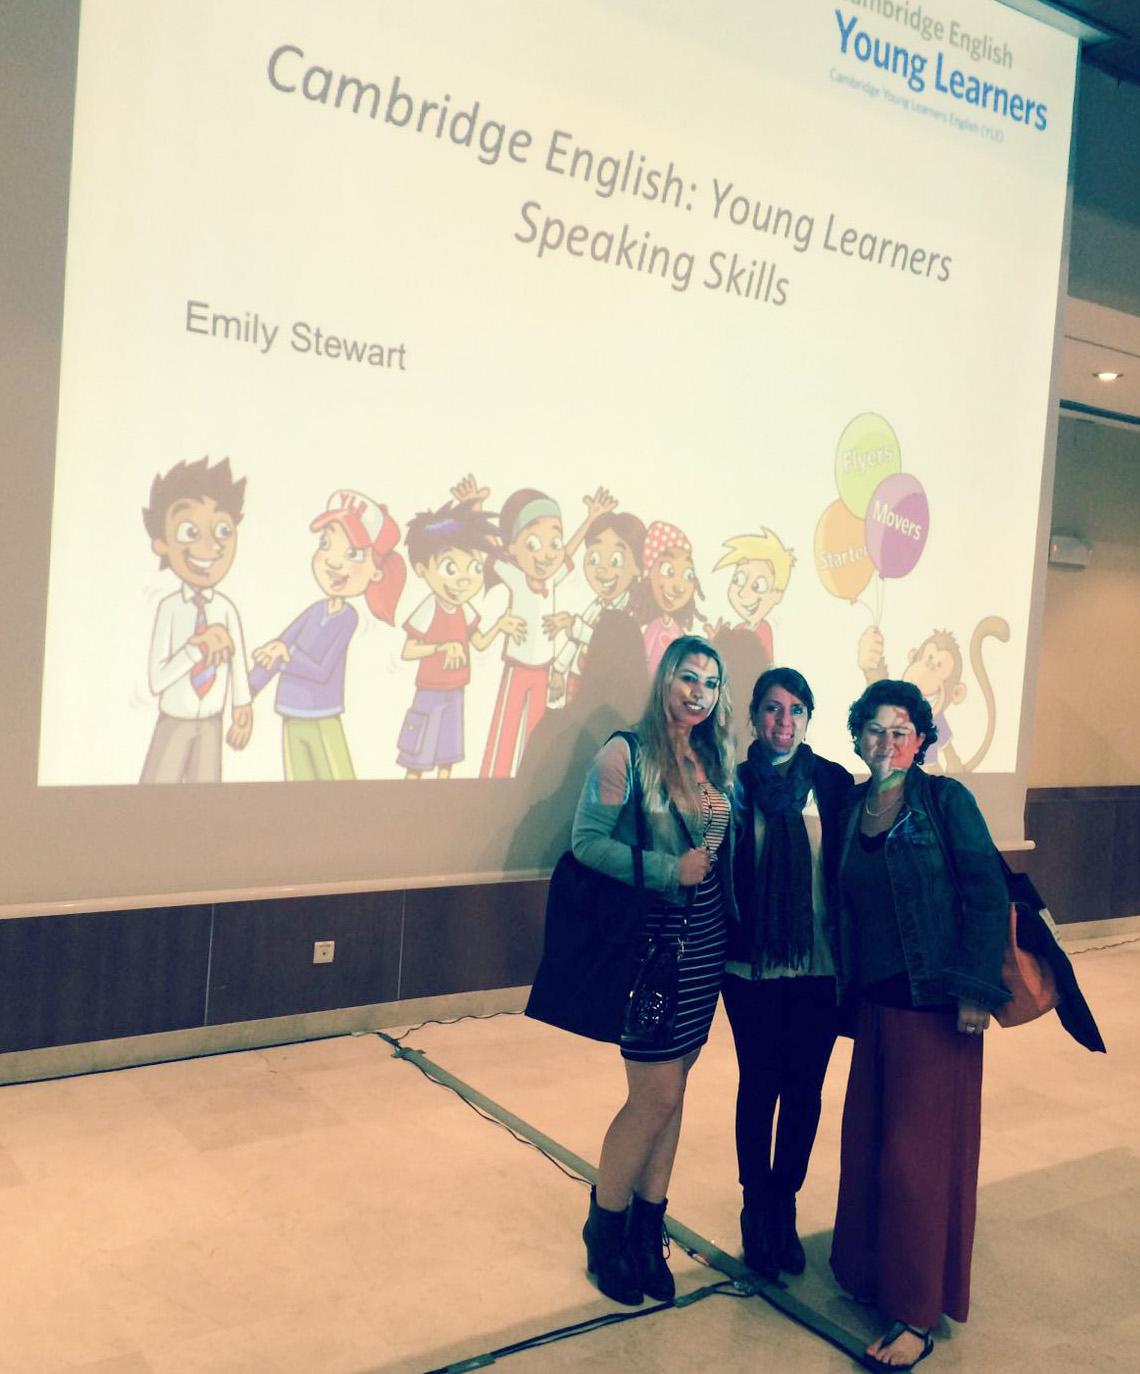 Nuestros profesores se reciclan profesionalmente continuamente. Aquí se ven Miss Luisa, Miss Rocio y Miss Alison en un seminario sobre Young Learners English presentado por Cambridge Esol.